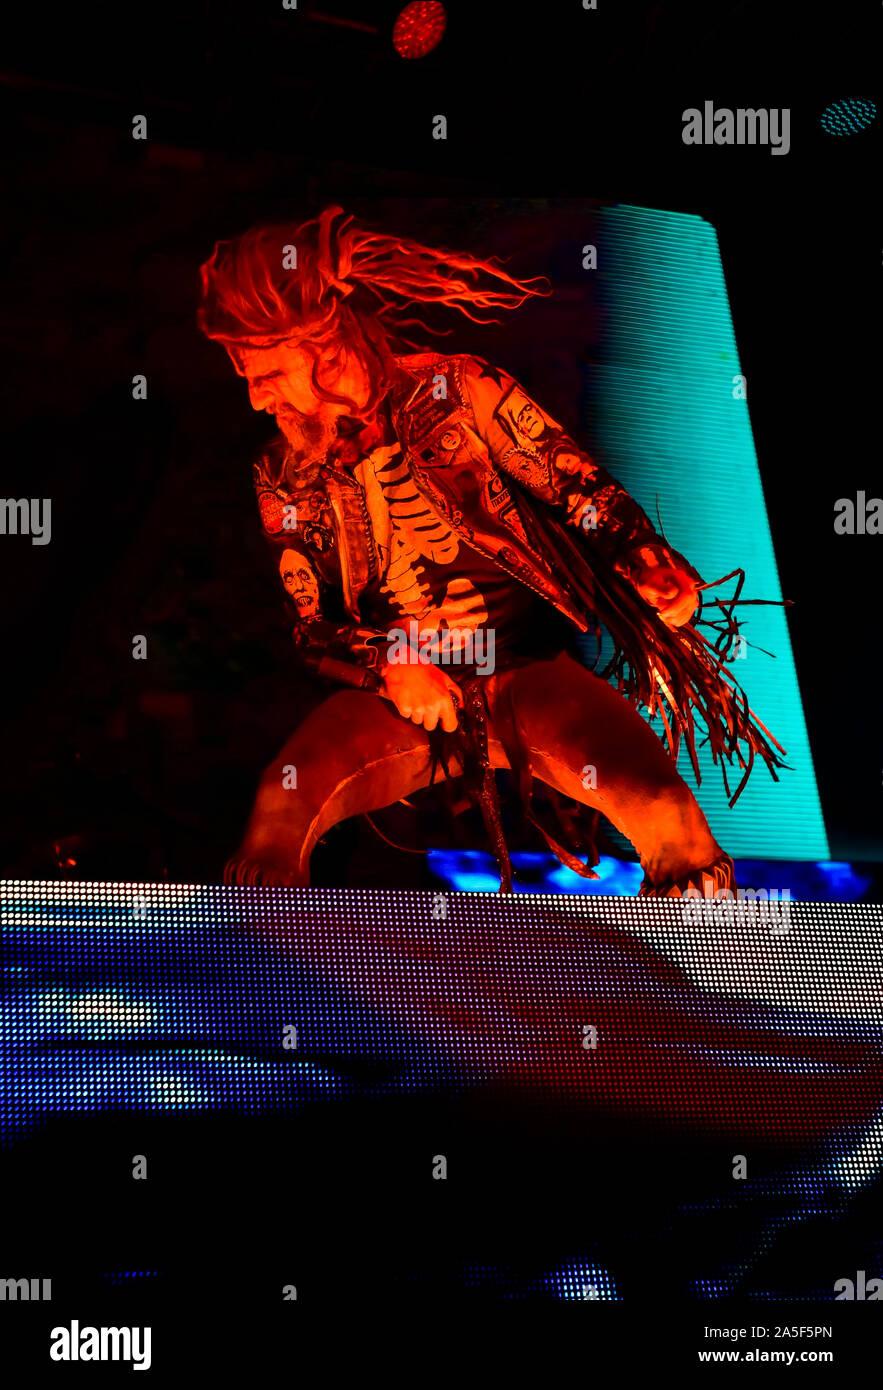 Las Vegas, Nevada, USA. Oktober 19, 2019. Rob Zombie in Konzert in der dritten jährlichen Las Kombination Heavy Metal Musik Festival in der Innenstadt von Las Vegas Events Center statt. Foto: Ken Howard Bilder Credit: Ken Howard/Alamy leben Nachrichten Stockfoto